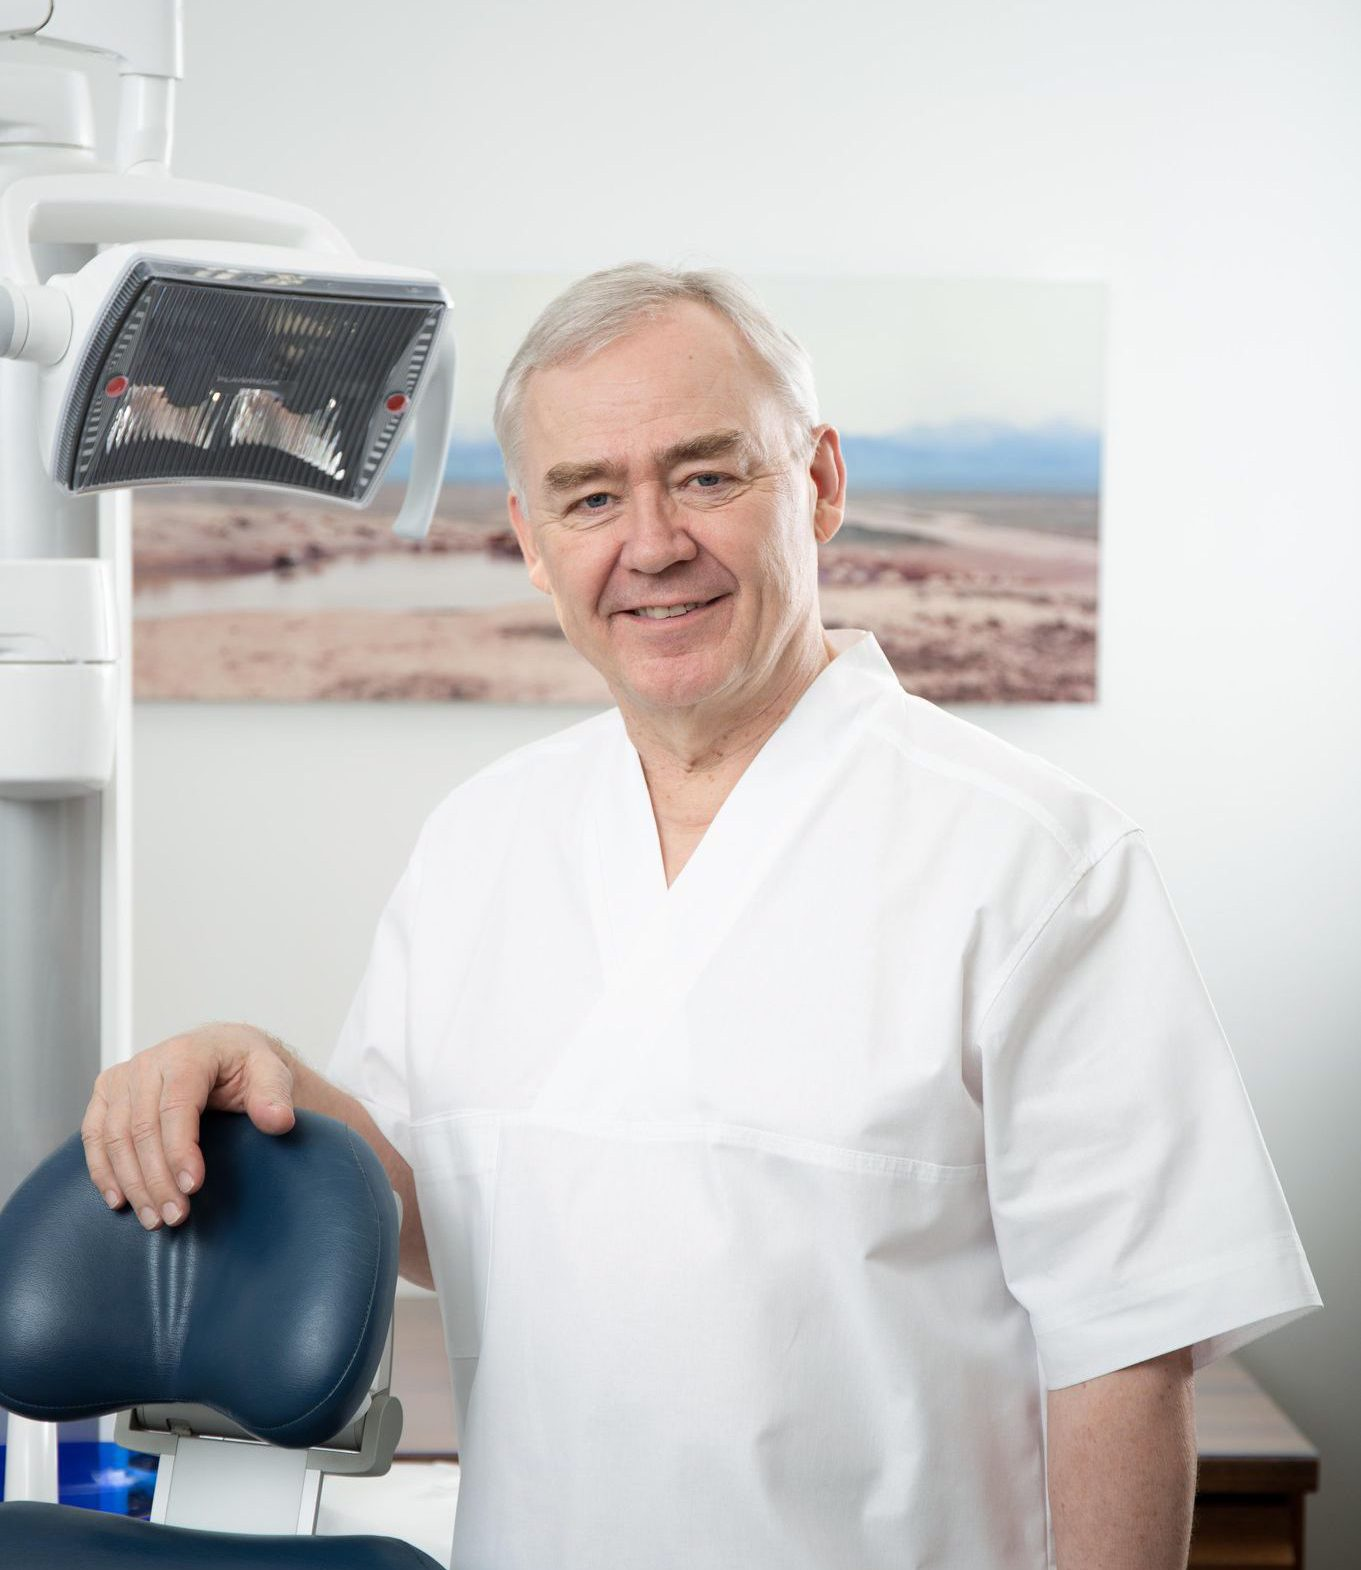 Kuvassa hammaslääkäri Seppo Lindroos, joka edustaa hammasimplanttien ja esteettisen hammashoidon huippuosaamista.. Puuttuva hammas voidaan korvata kivuttomasti.